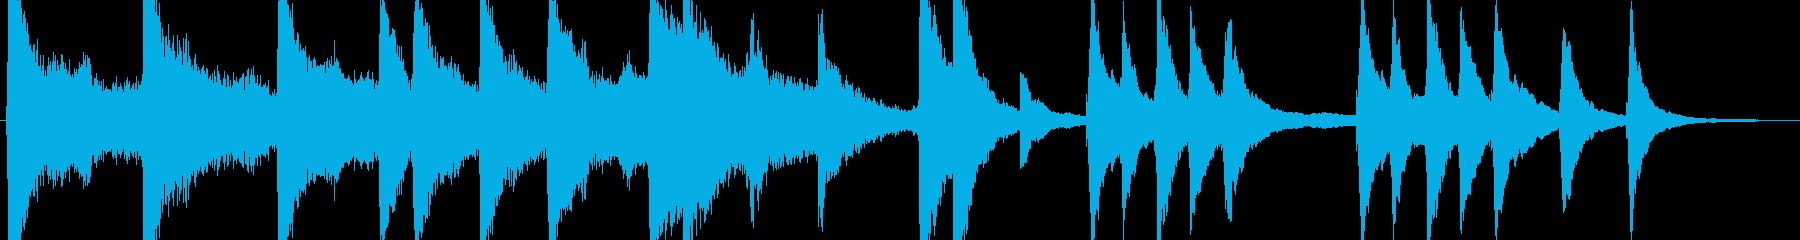 ジングル - ライトを点けるの再生済みの波形